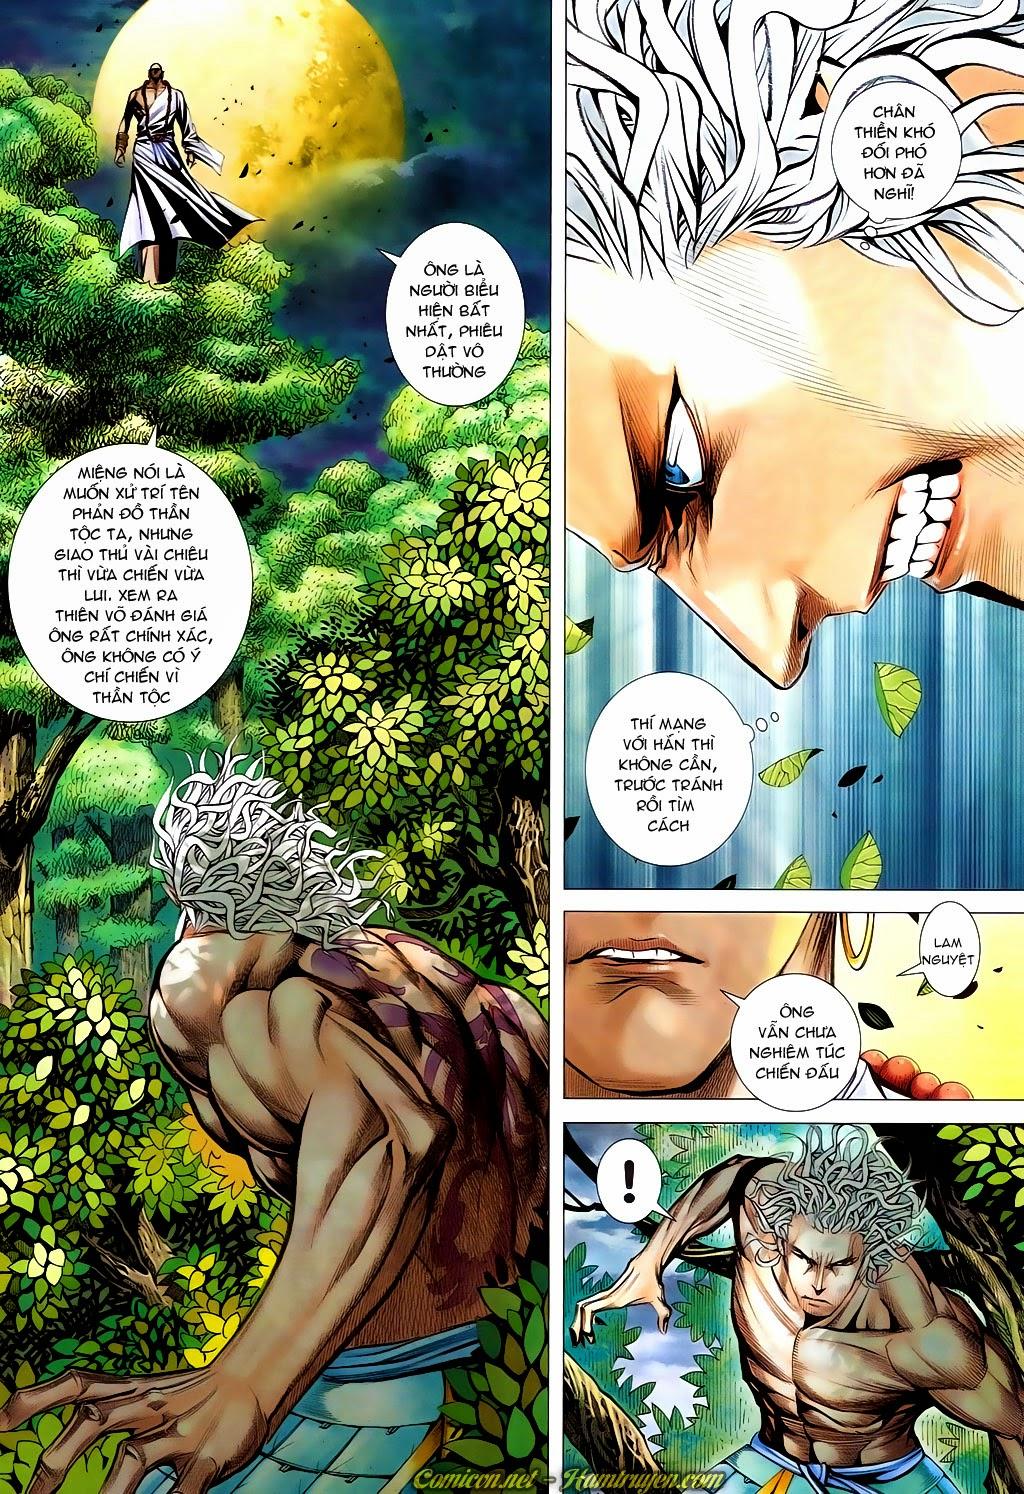 Phong Thần Ký Chap 171 - Trang 29